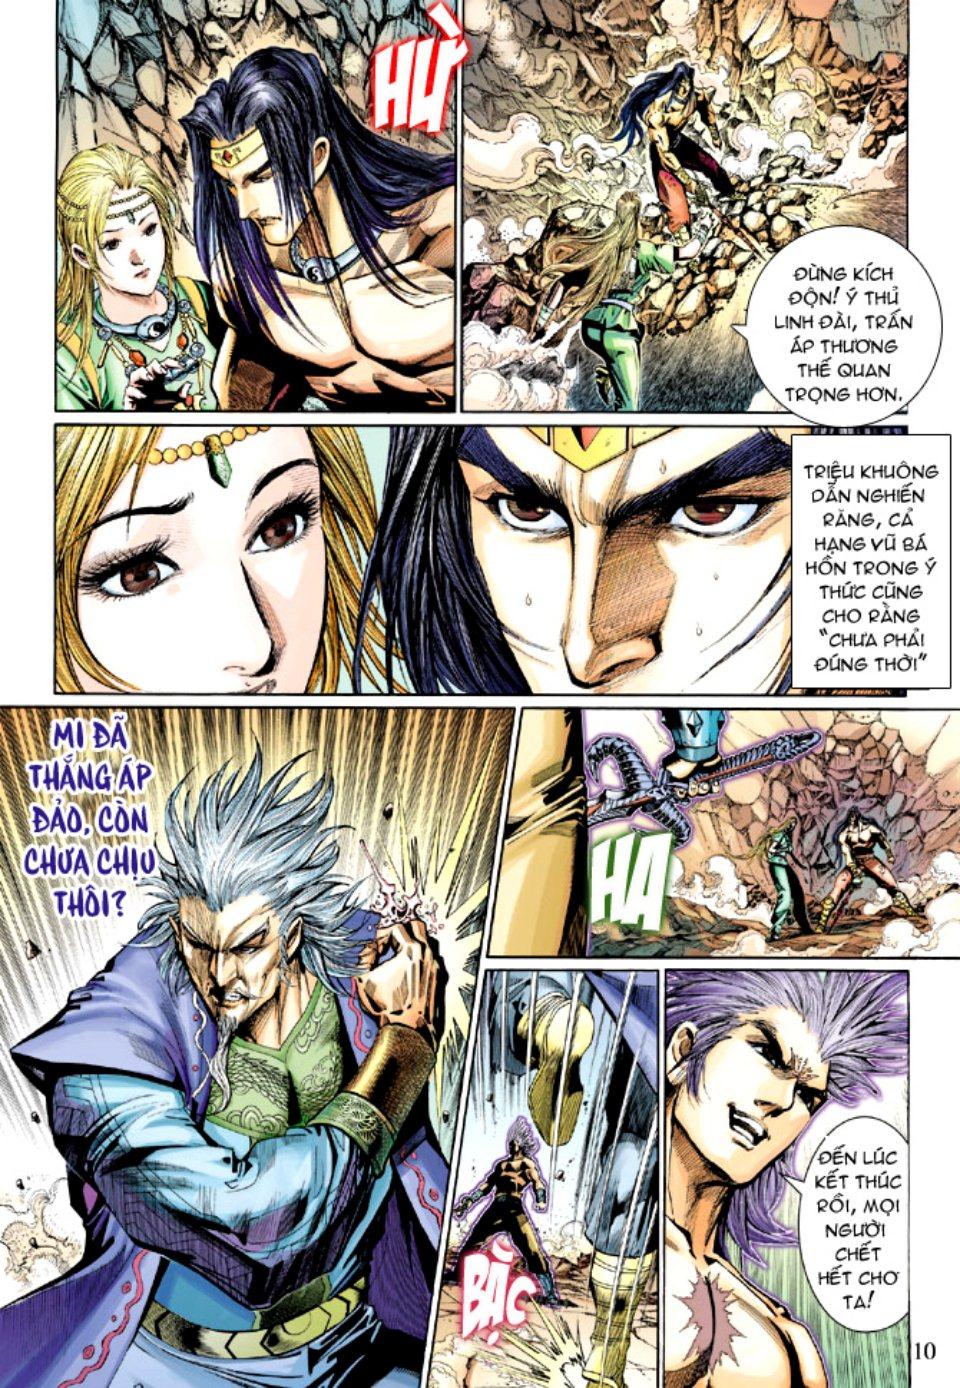 Thiên Tử Truyền Kỳ 5 - Như Lai Thần Chưởng chap 214 - Trang 10